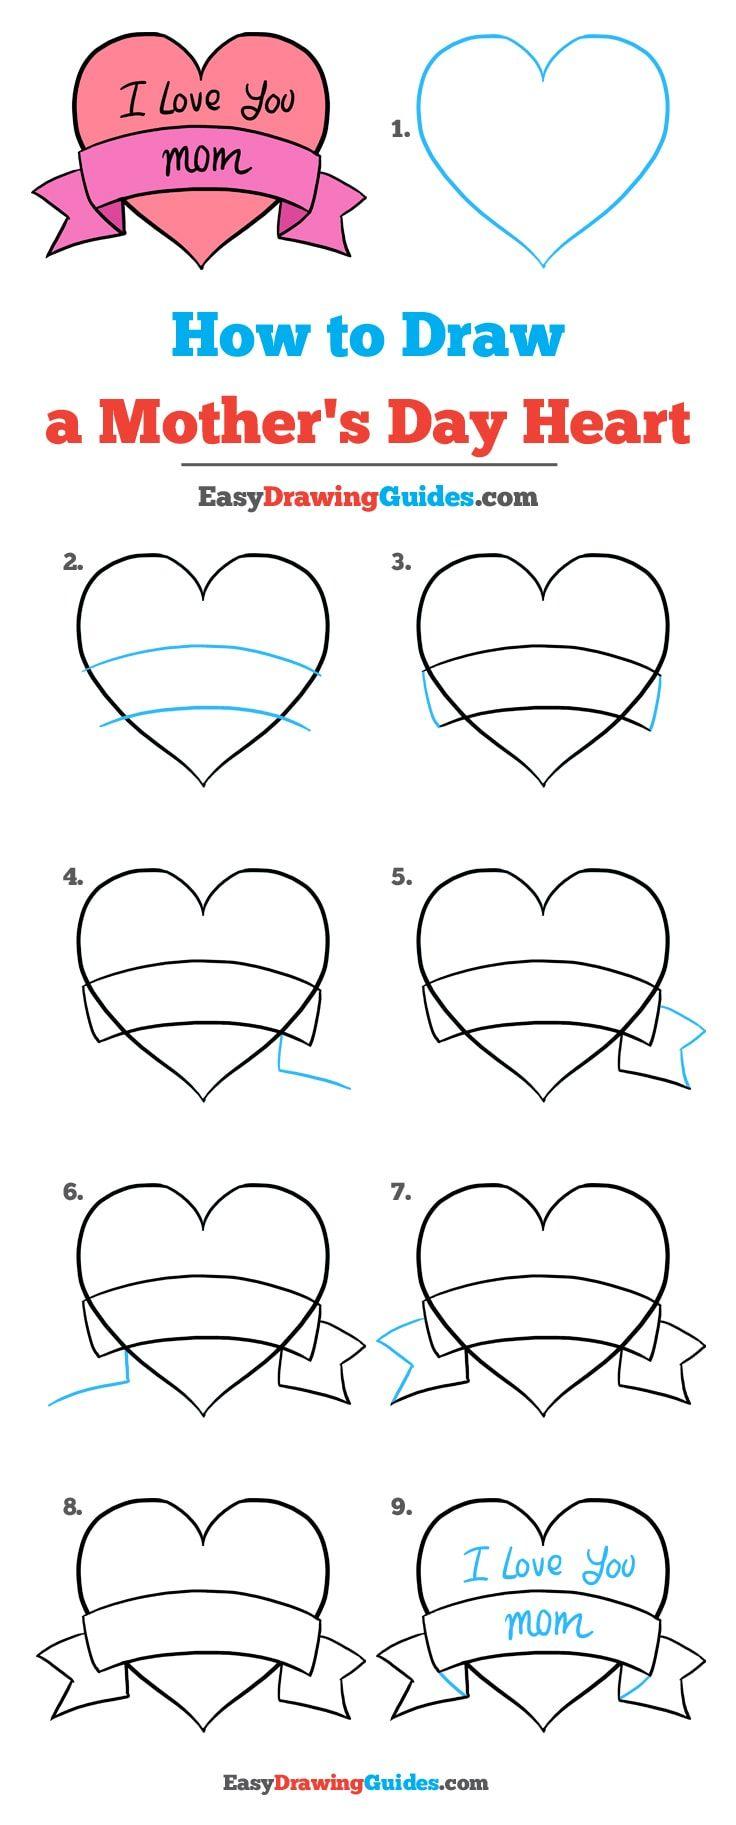 Как нарисовать сердечко ко Дню матери - действительно легкий урок рисования